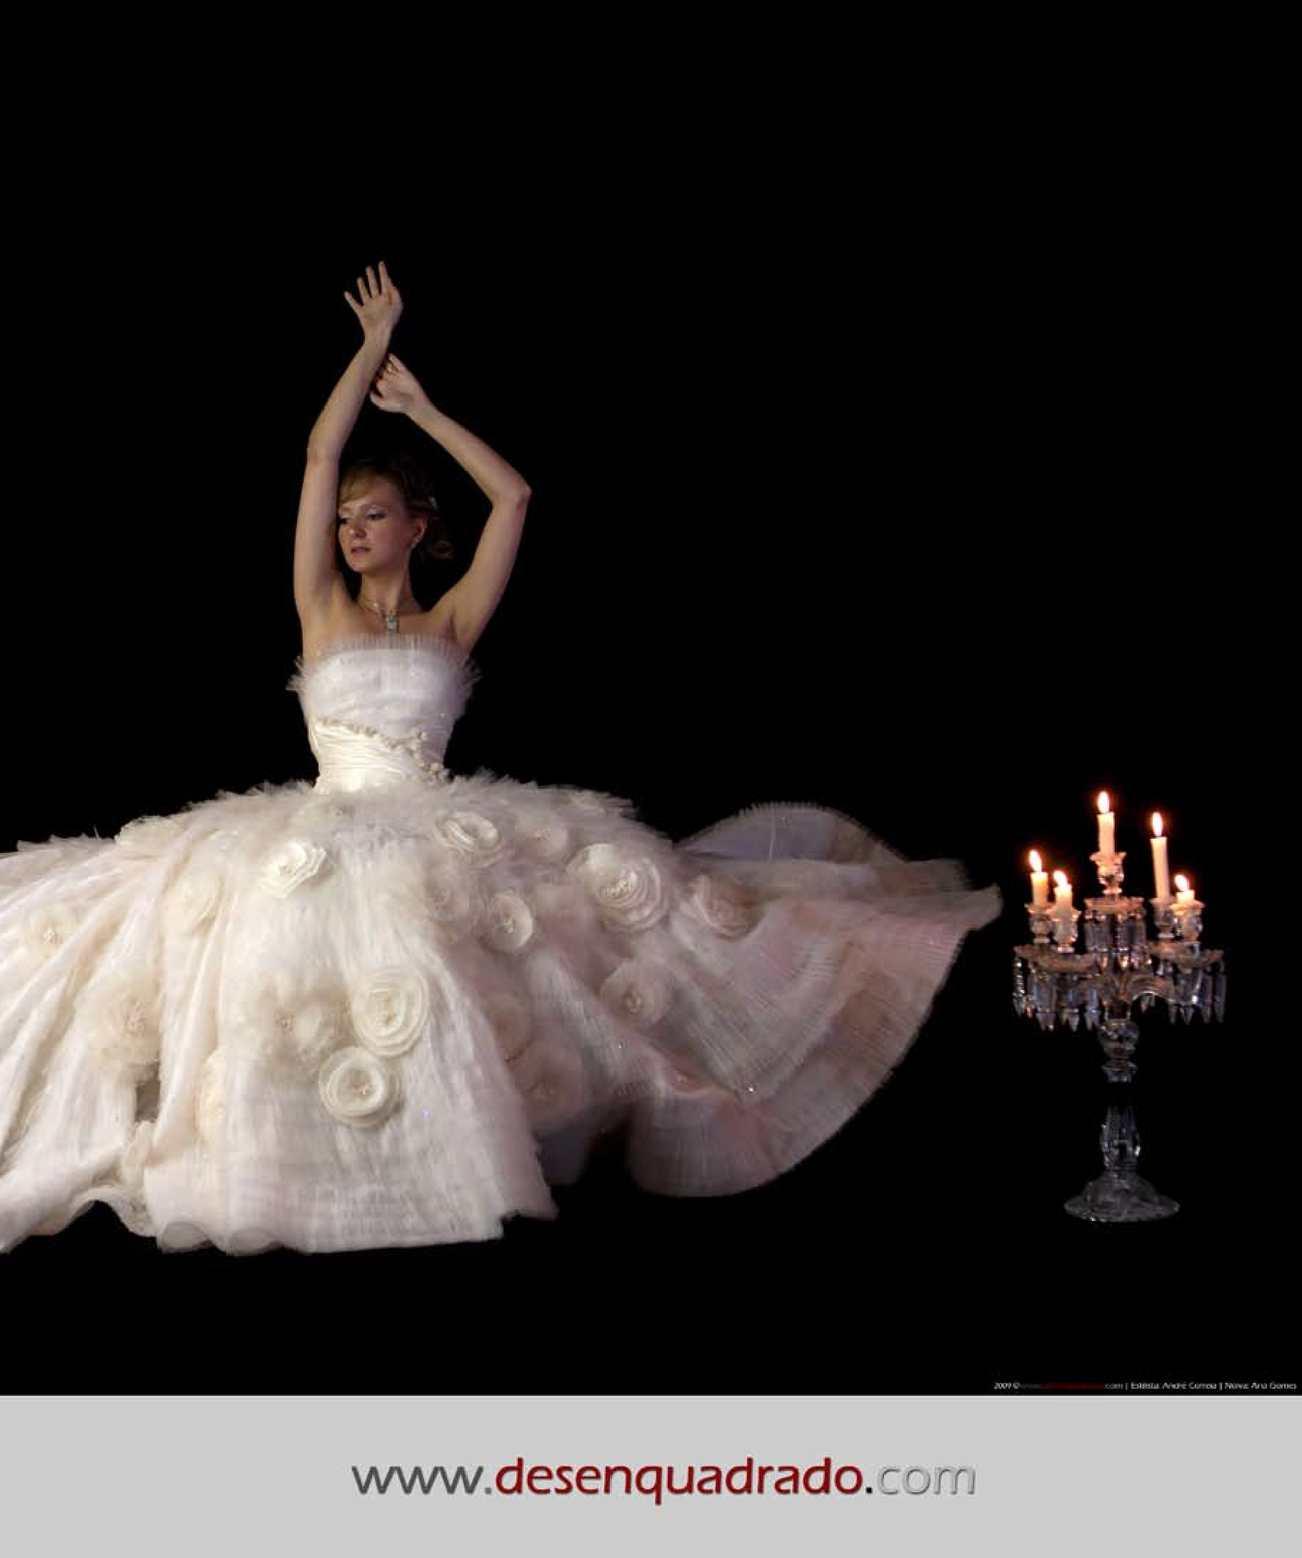 a6c768c15c3abf Calaméo - Revista Casar na Madeira - wedding in Madeira Island ...